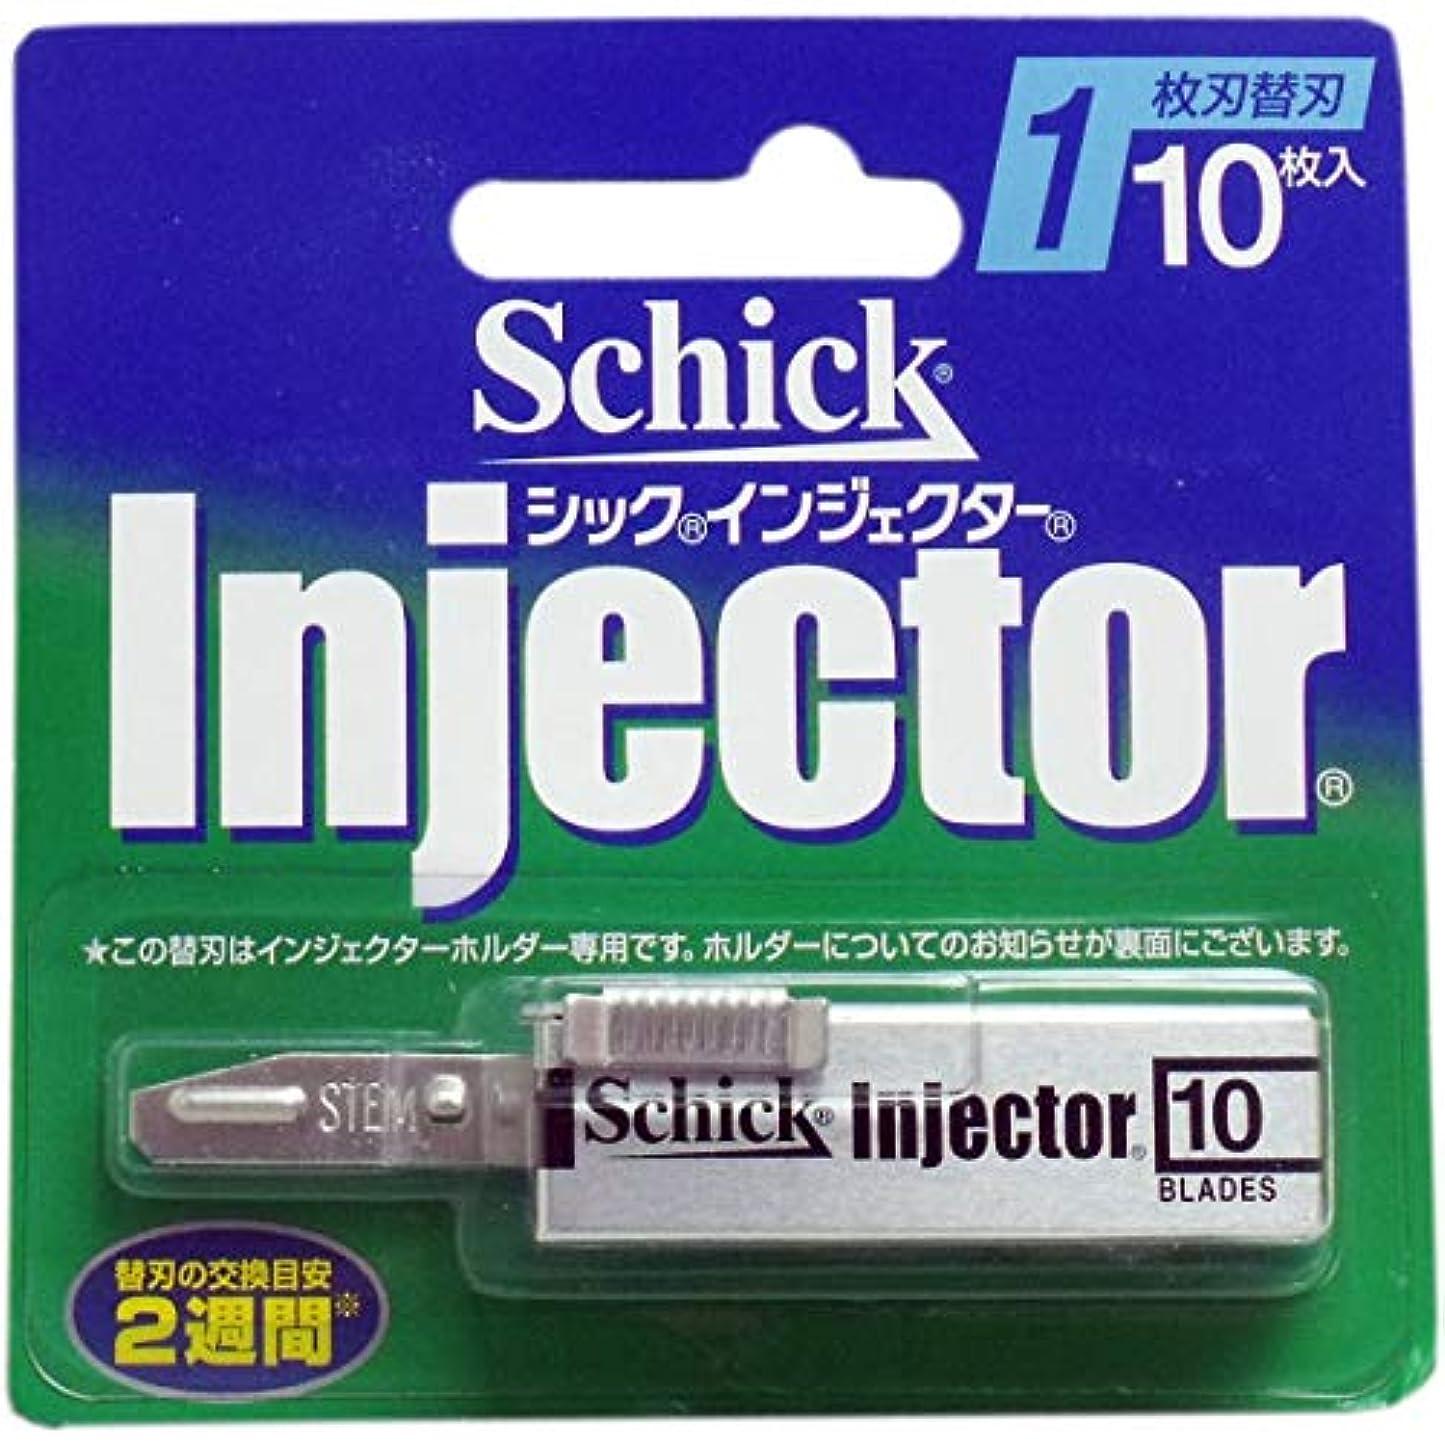 清める人事ラジカルシック インジェクター 1枚刃 替刃 10枚入×2個セット